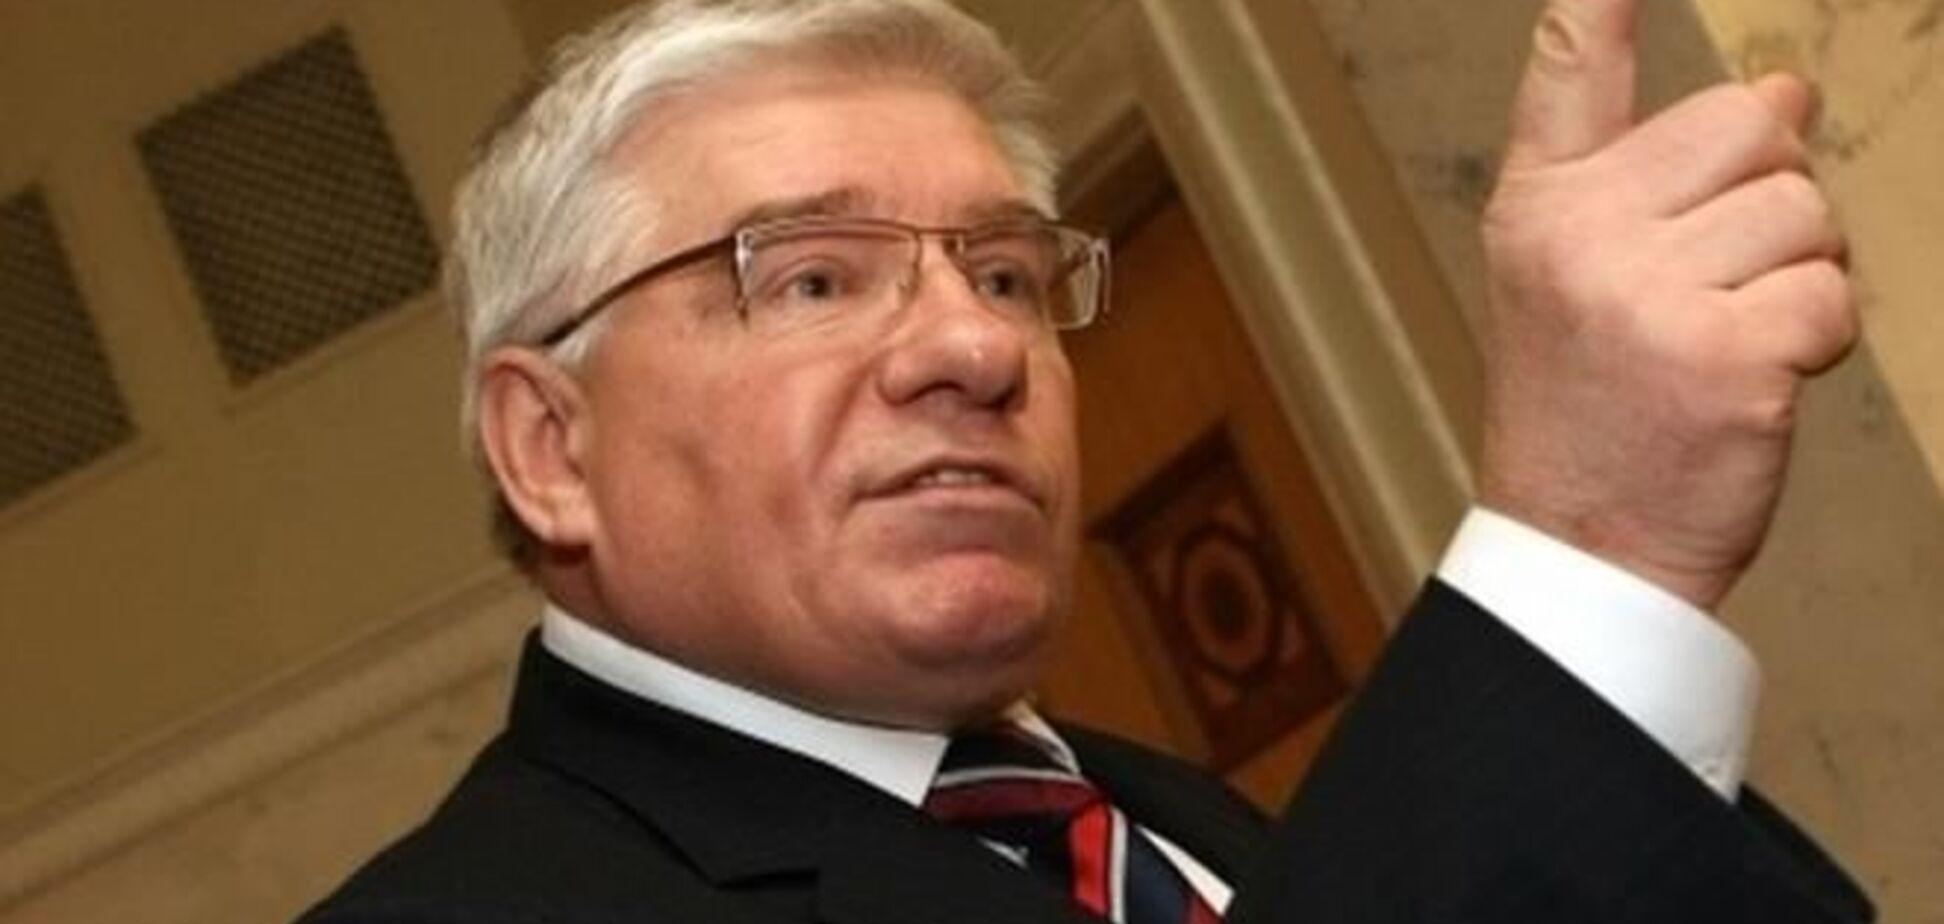 Опасная должность. О причине гибели Чечетова